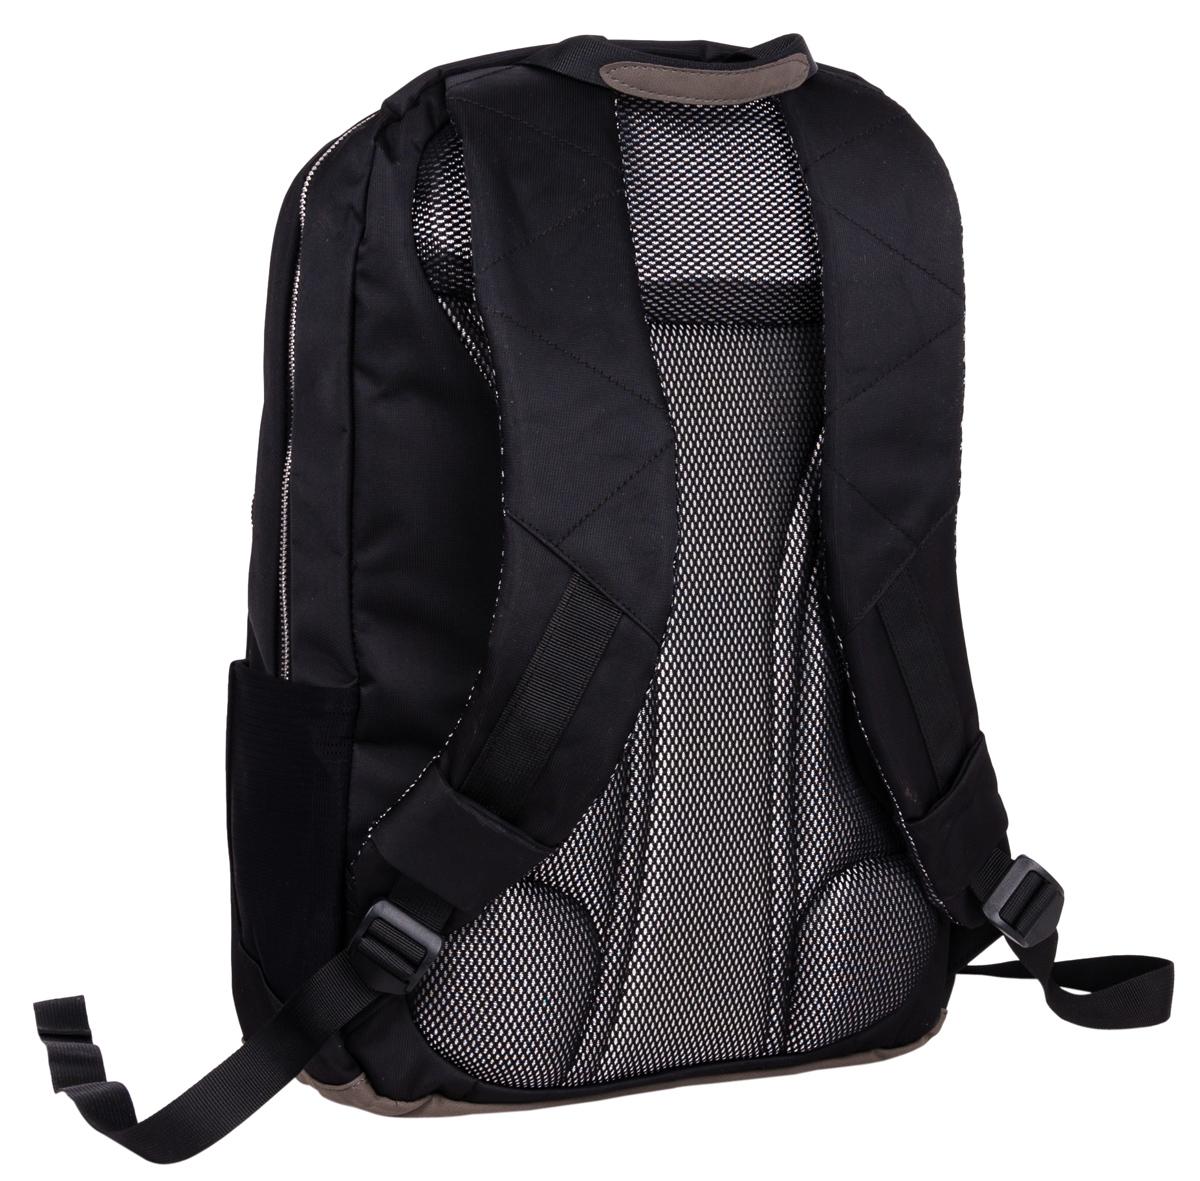 Рюкзак городской Polar, цвет: черный. 17,5л. 2226